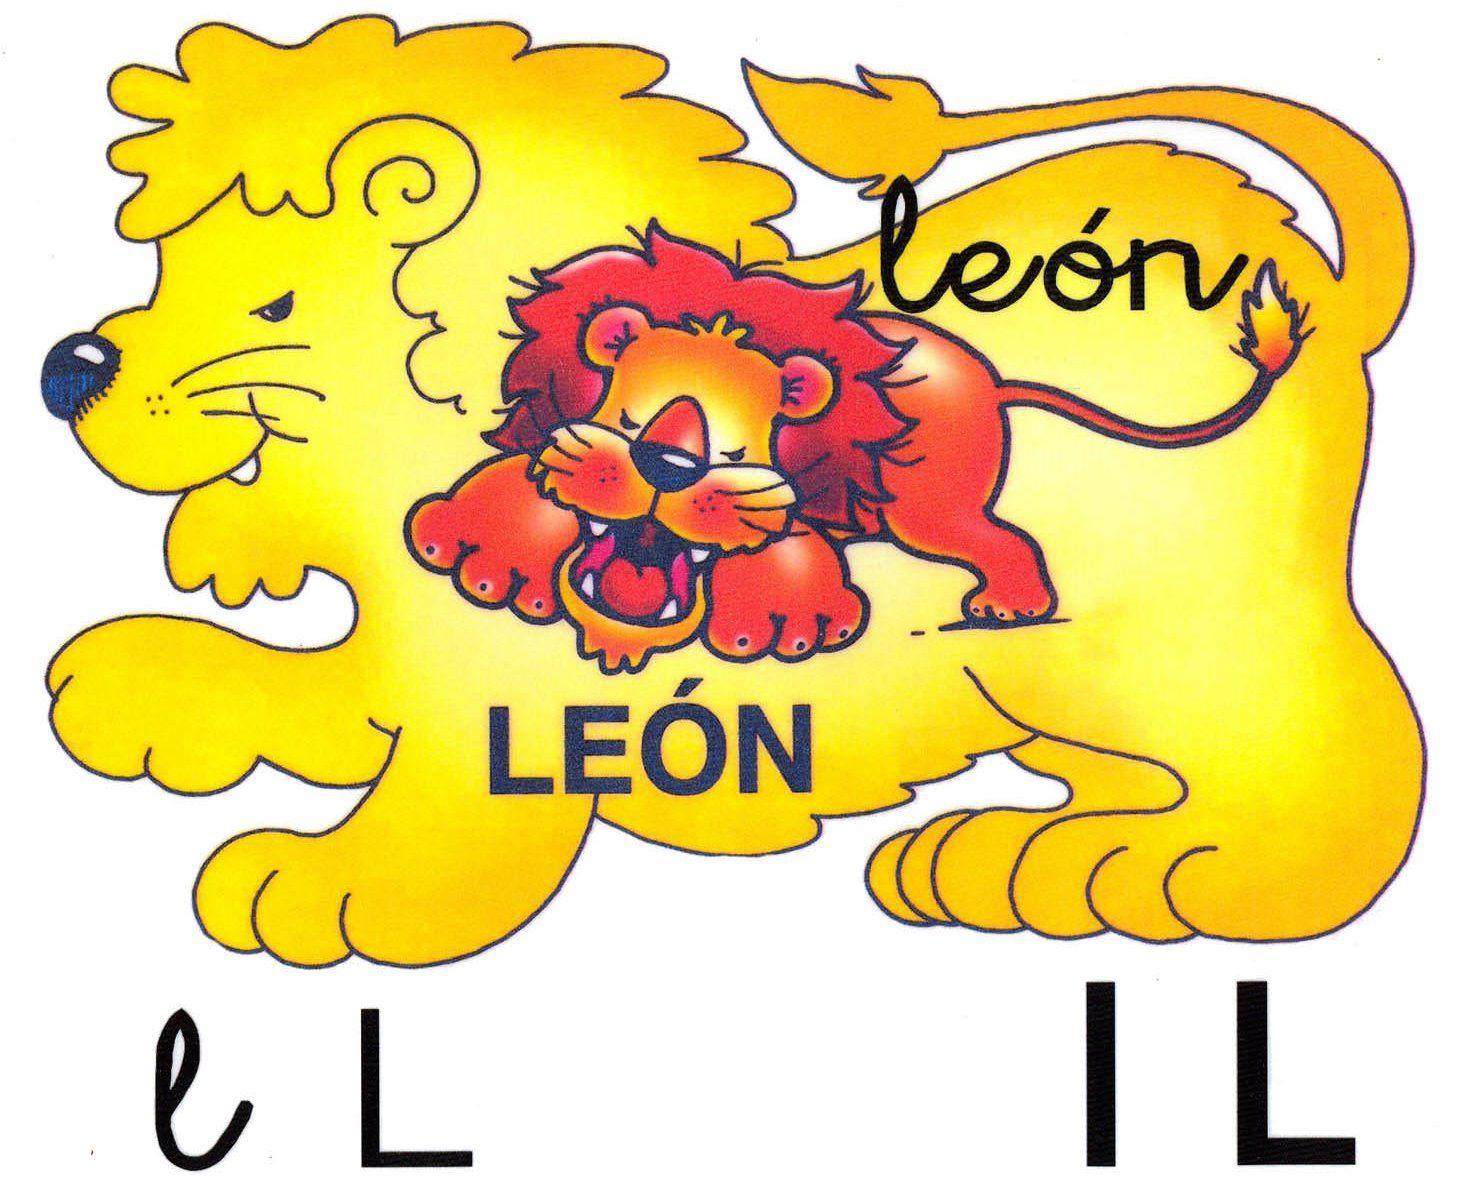 Letra l minúscula, L mayúscula. León.